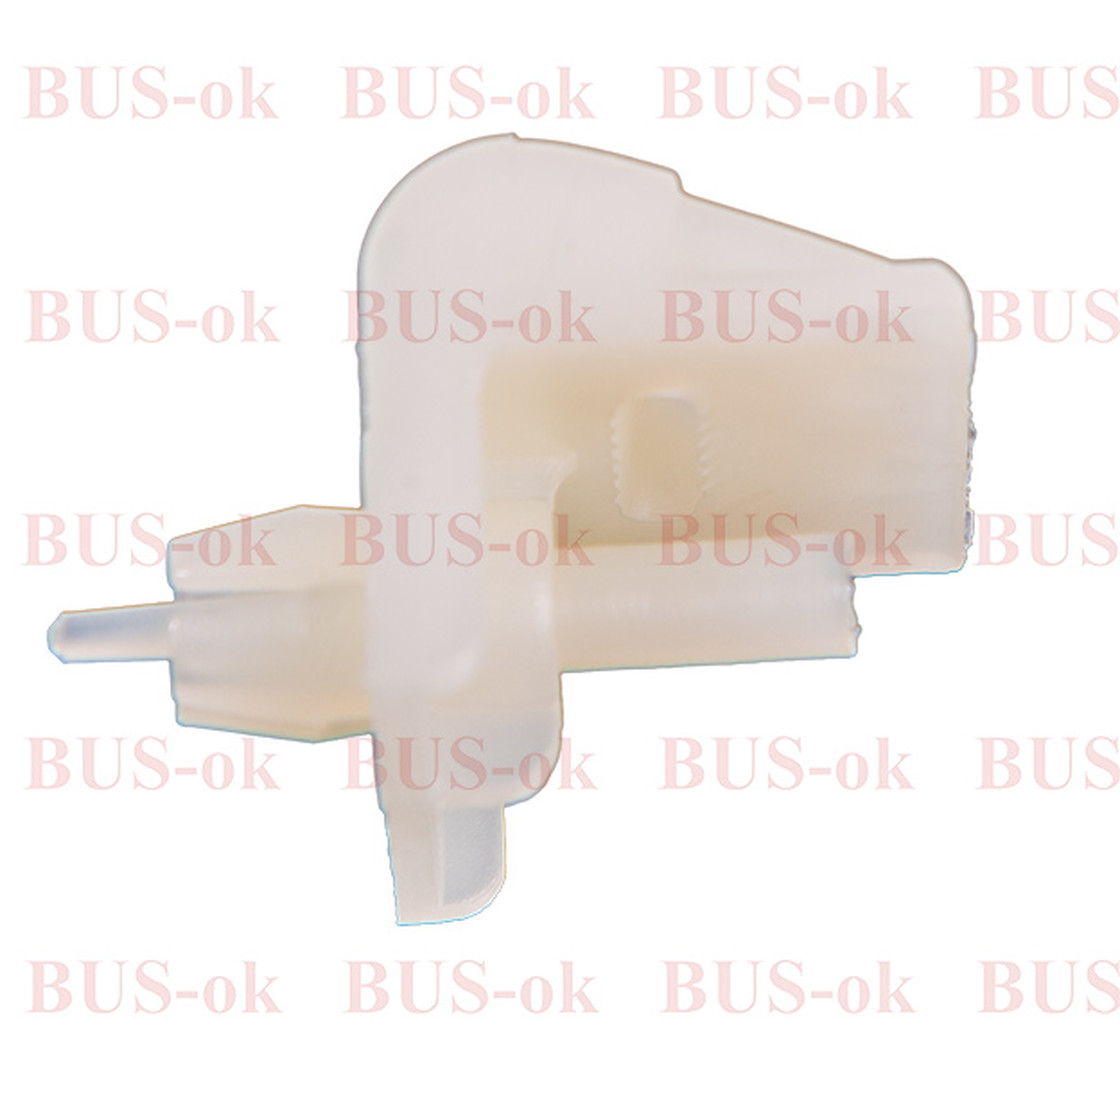 701867299 VW Bus T4 Verkleidungs-Clips Clip für Verkleidung 10 Stck